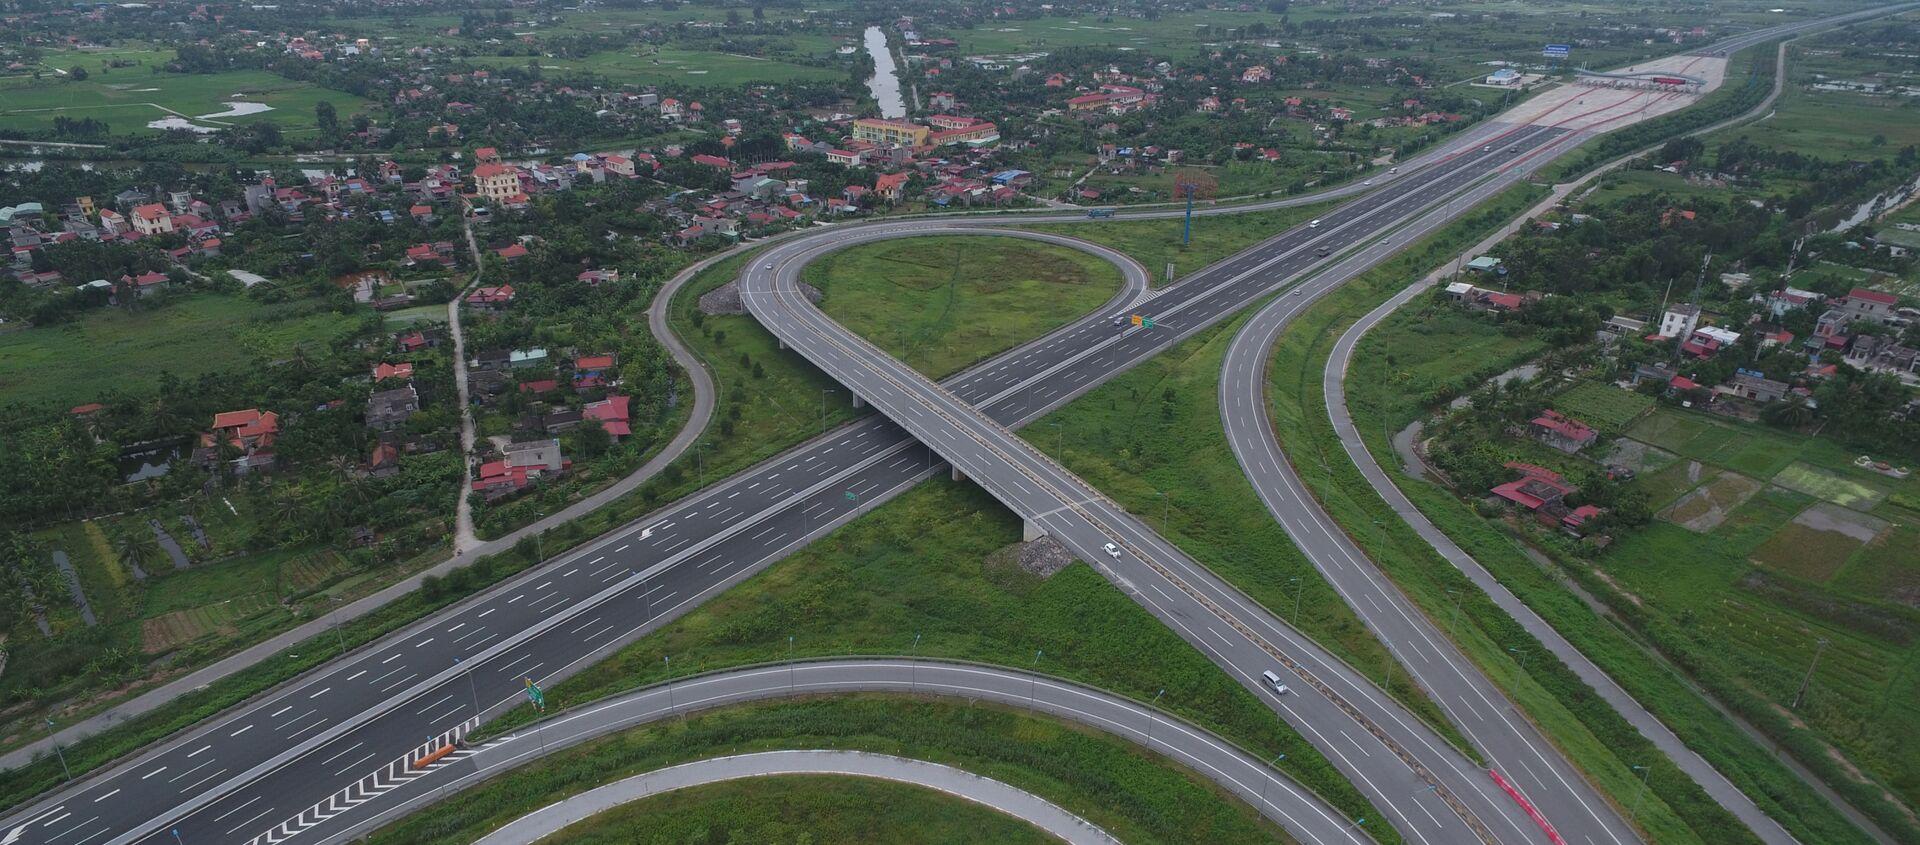 Một đoạn của tuyến đường cao tốc Hà Nội - Hải Phòng nhìn từ trên cao - Sputnik Việt Nam, 1920, 16.11.2019